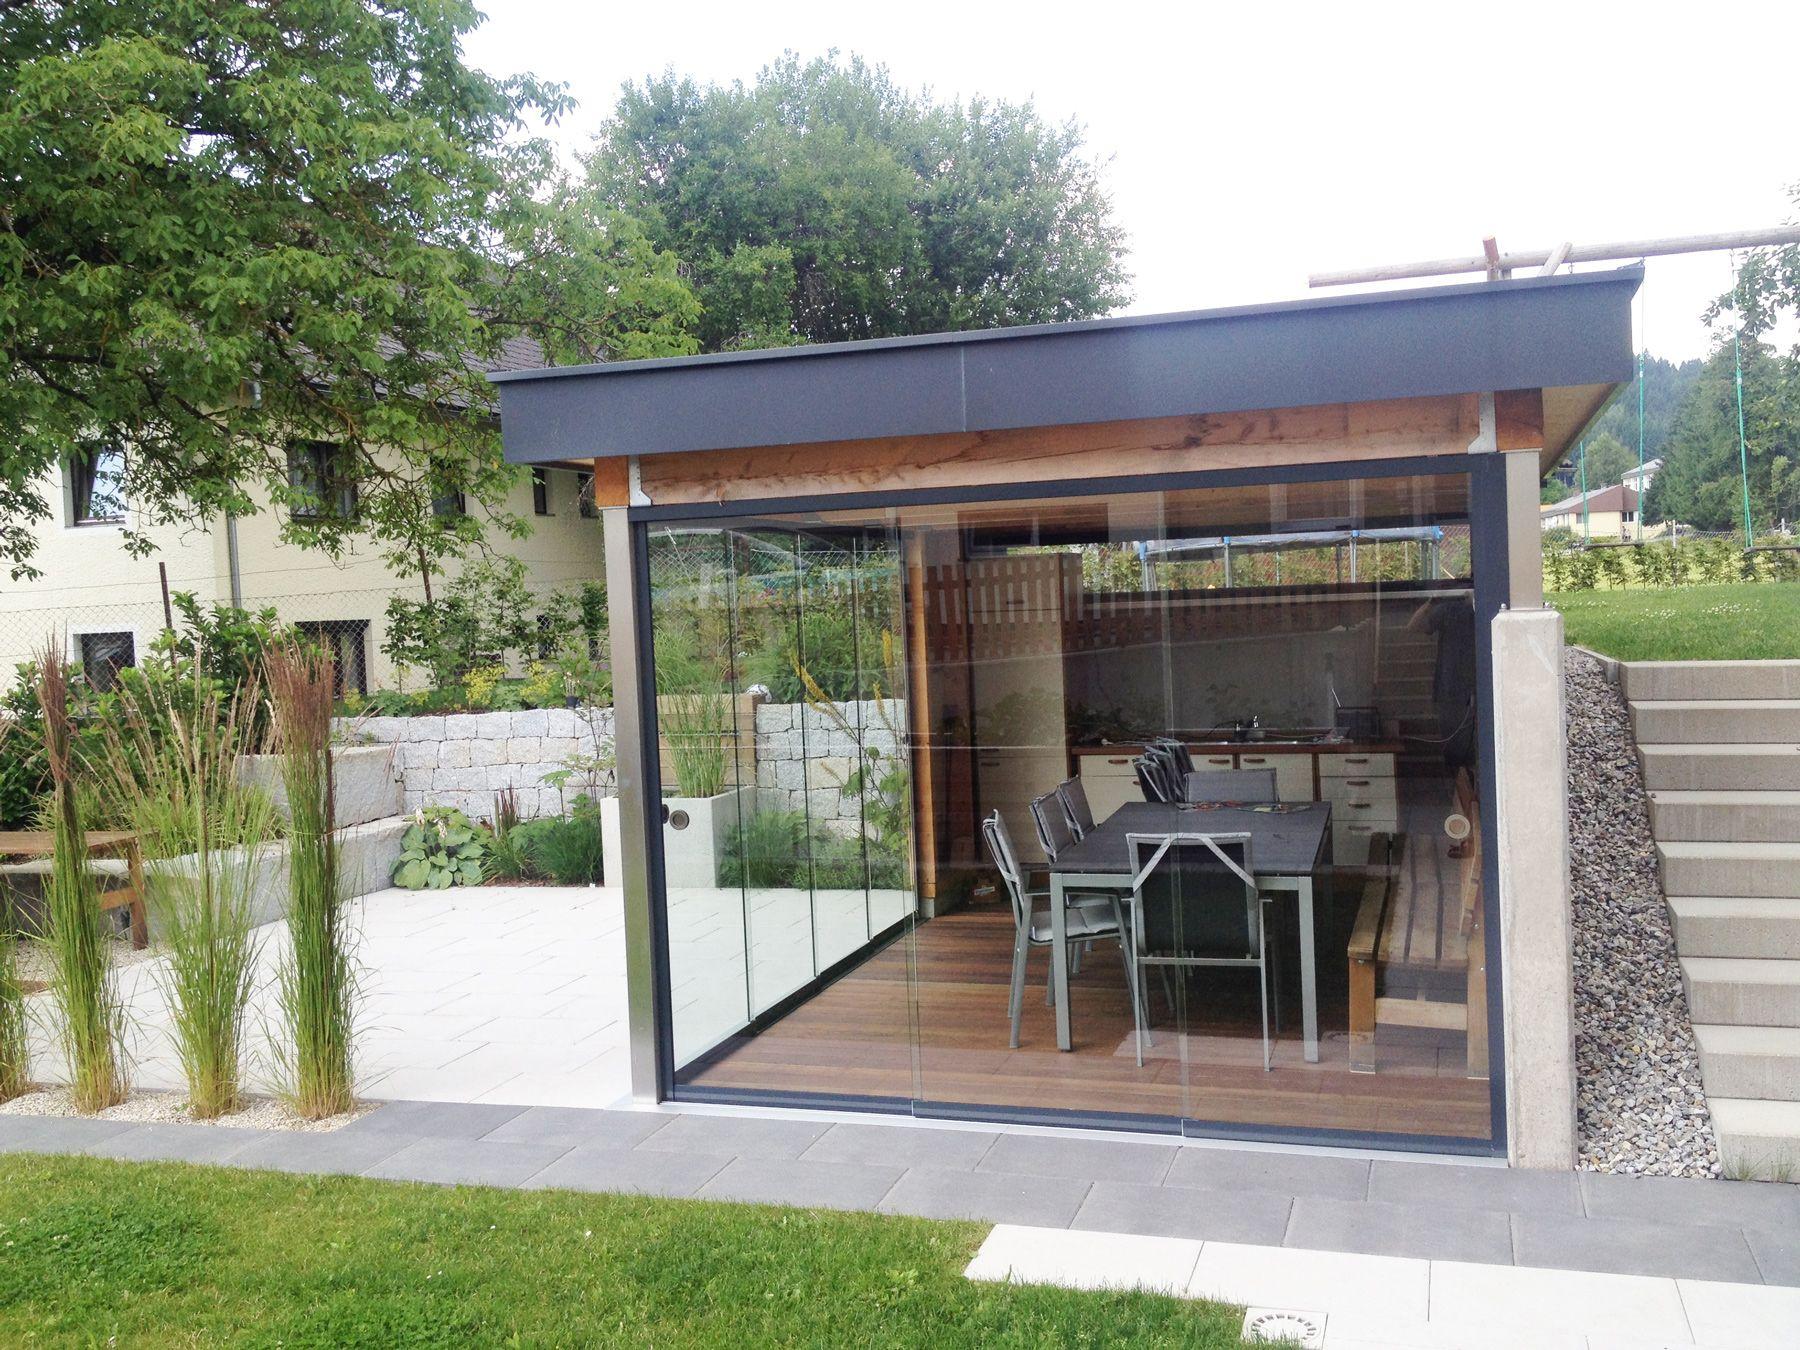 Gartenlaube Mit Glasschiebeturen Verglasen Projektbilder Glasschiebetur Gartenlaube Wintergarten Einrichtung